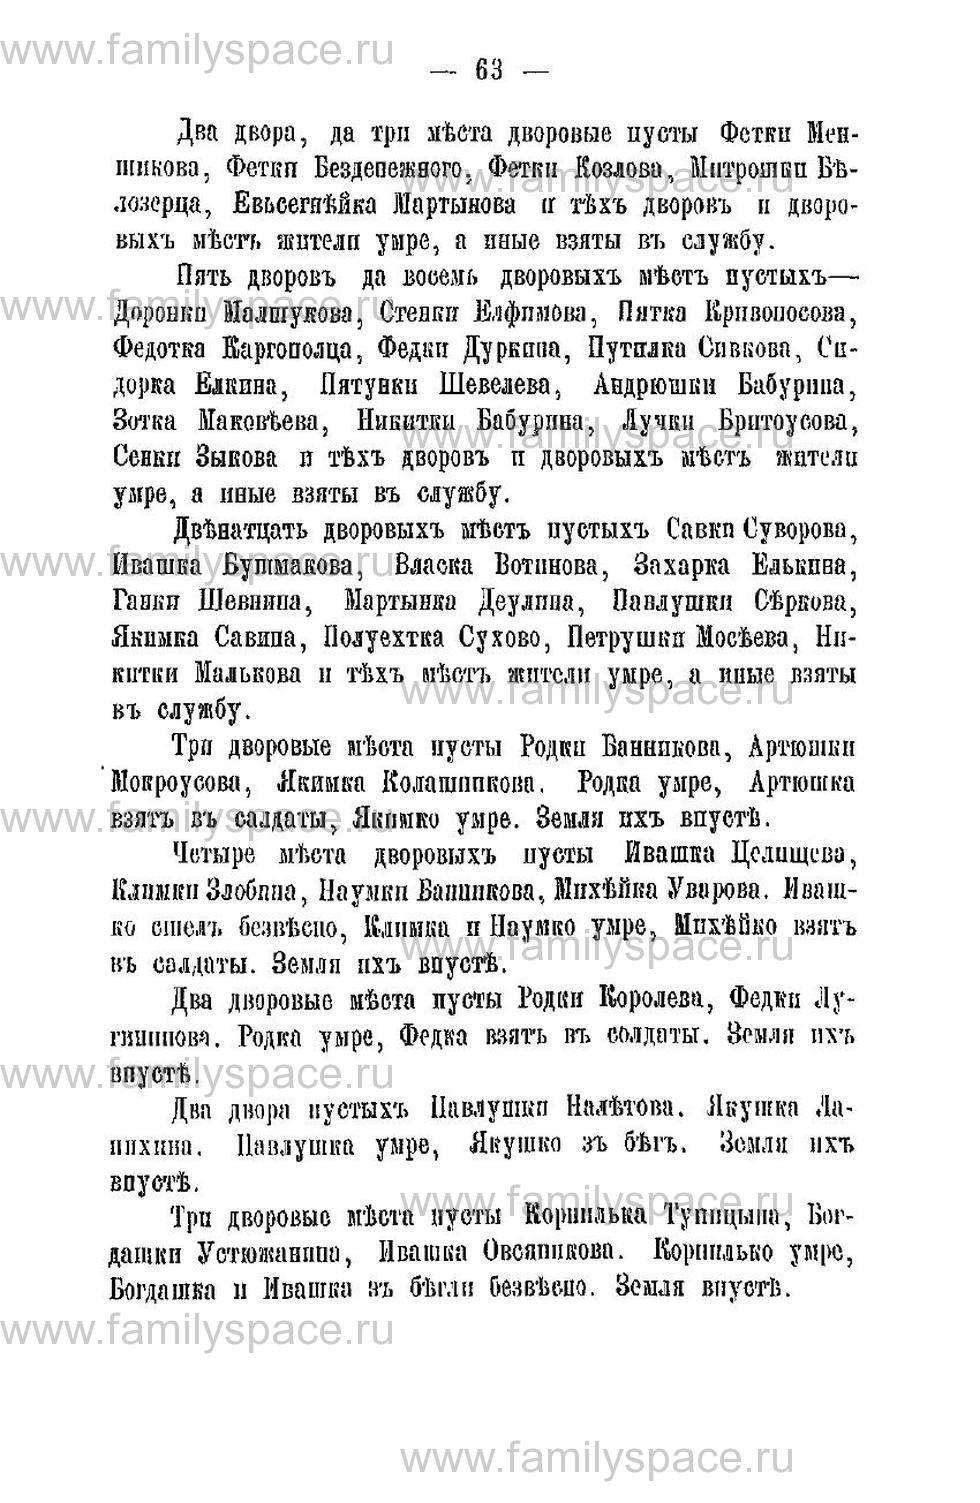 Поиск по фамилии - Переписная книга Орлова и волостей 1678 г, страница 59